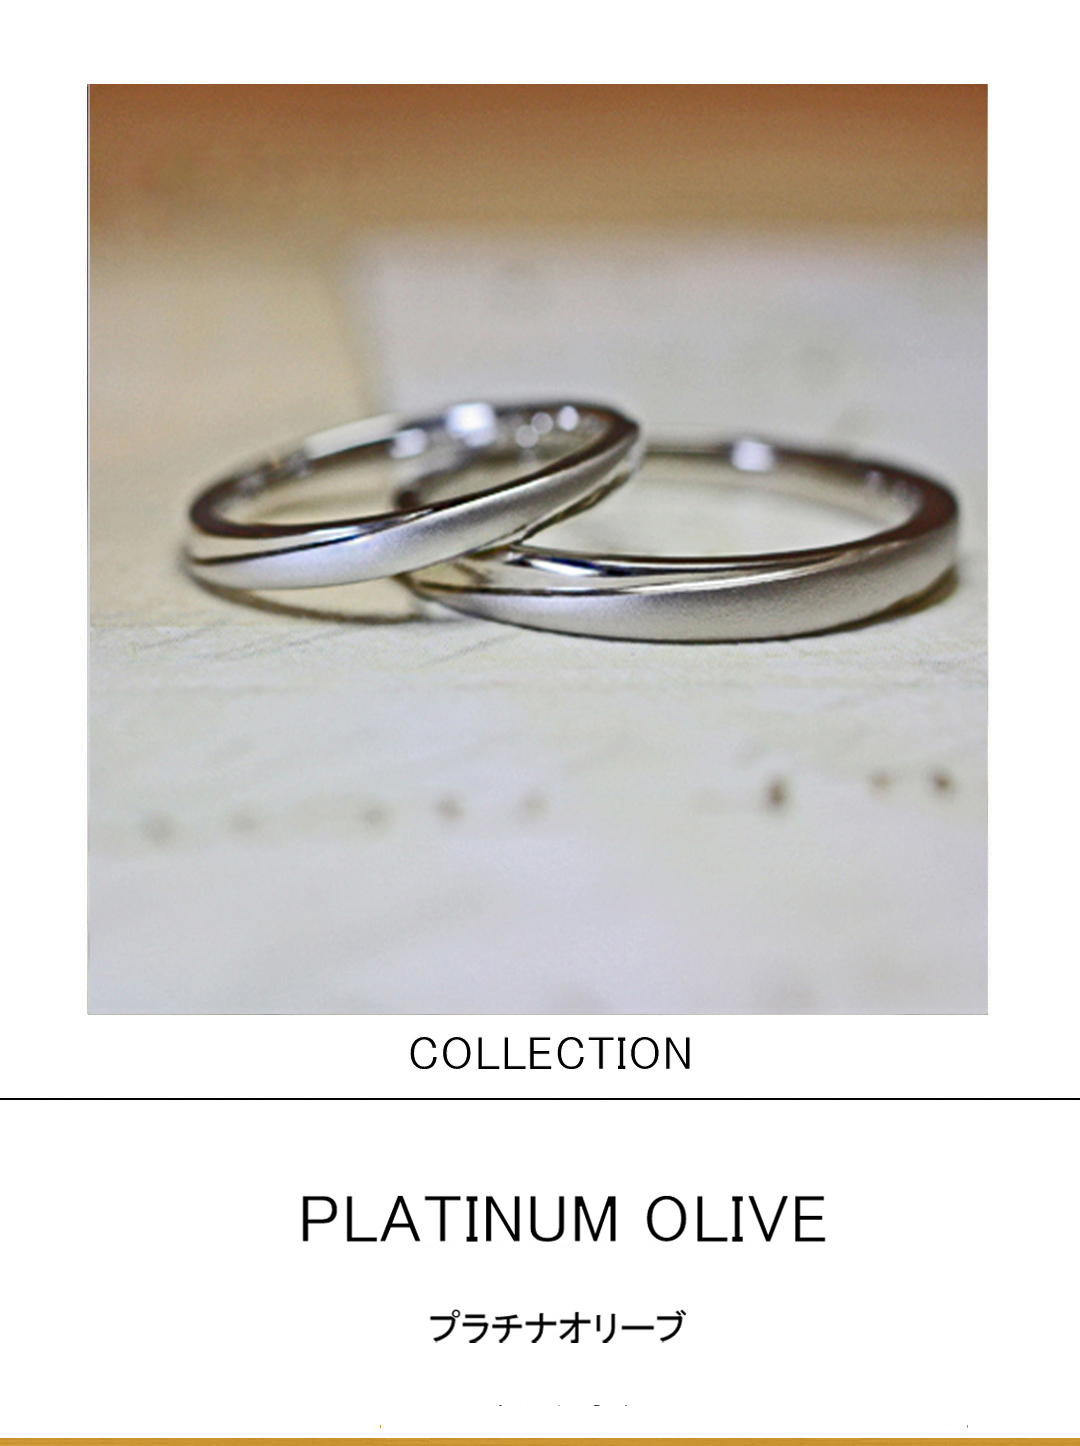 結婚指輪・オリーブを細く丸いフォルムにしたプラチナコレクションのサムネイル